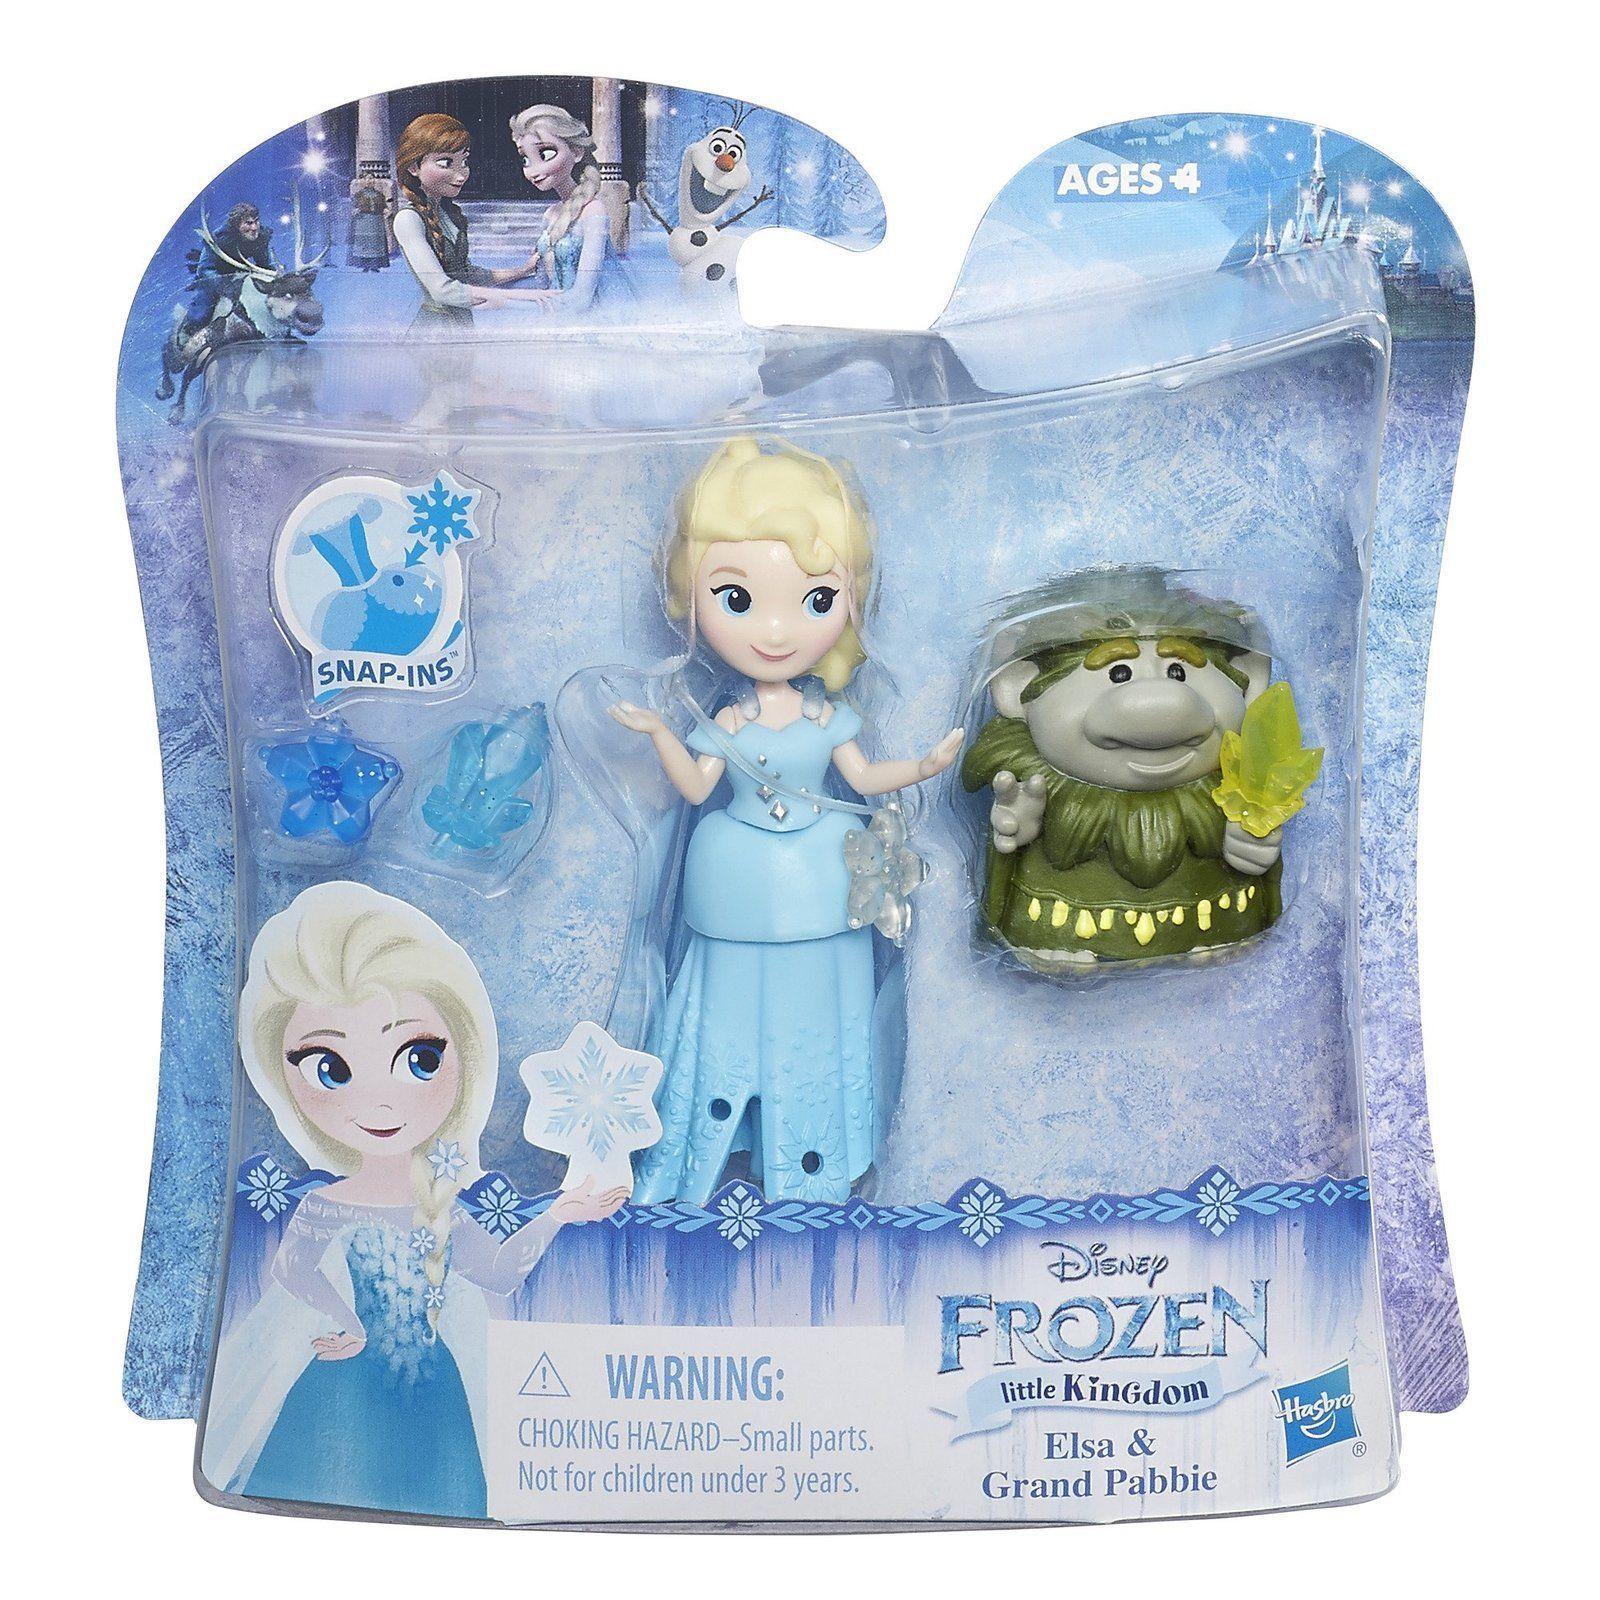 Image 1 of Disney Frozen Little Kingdom Miniature 3